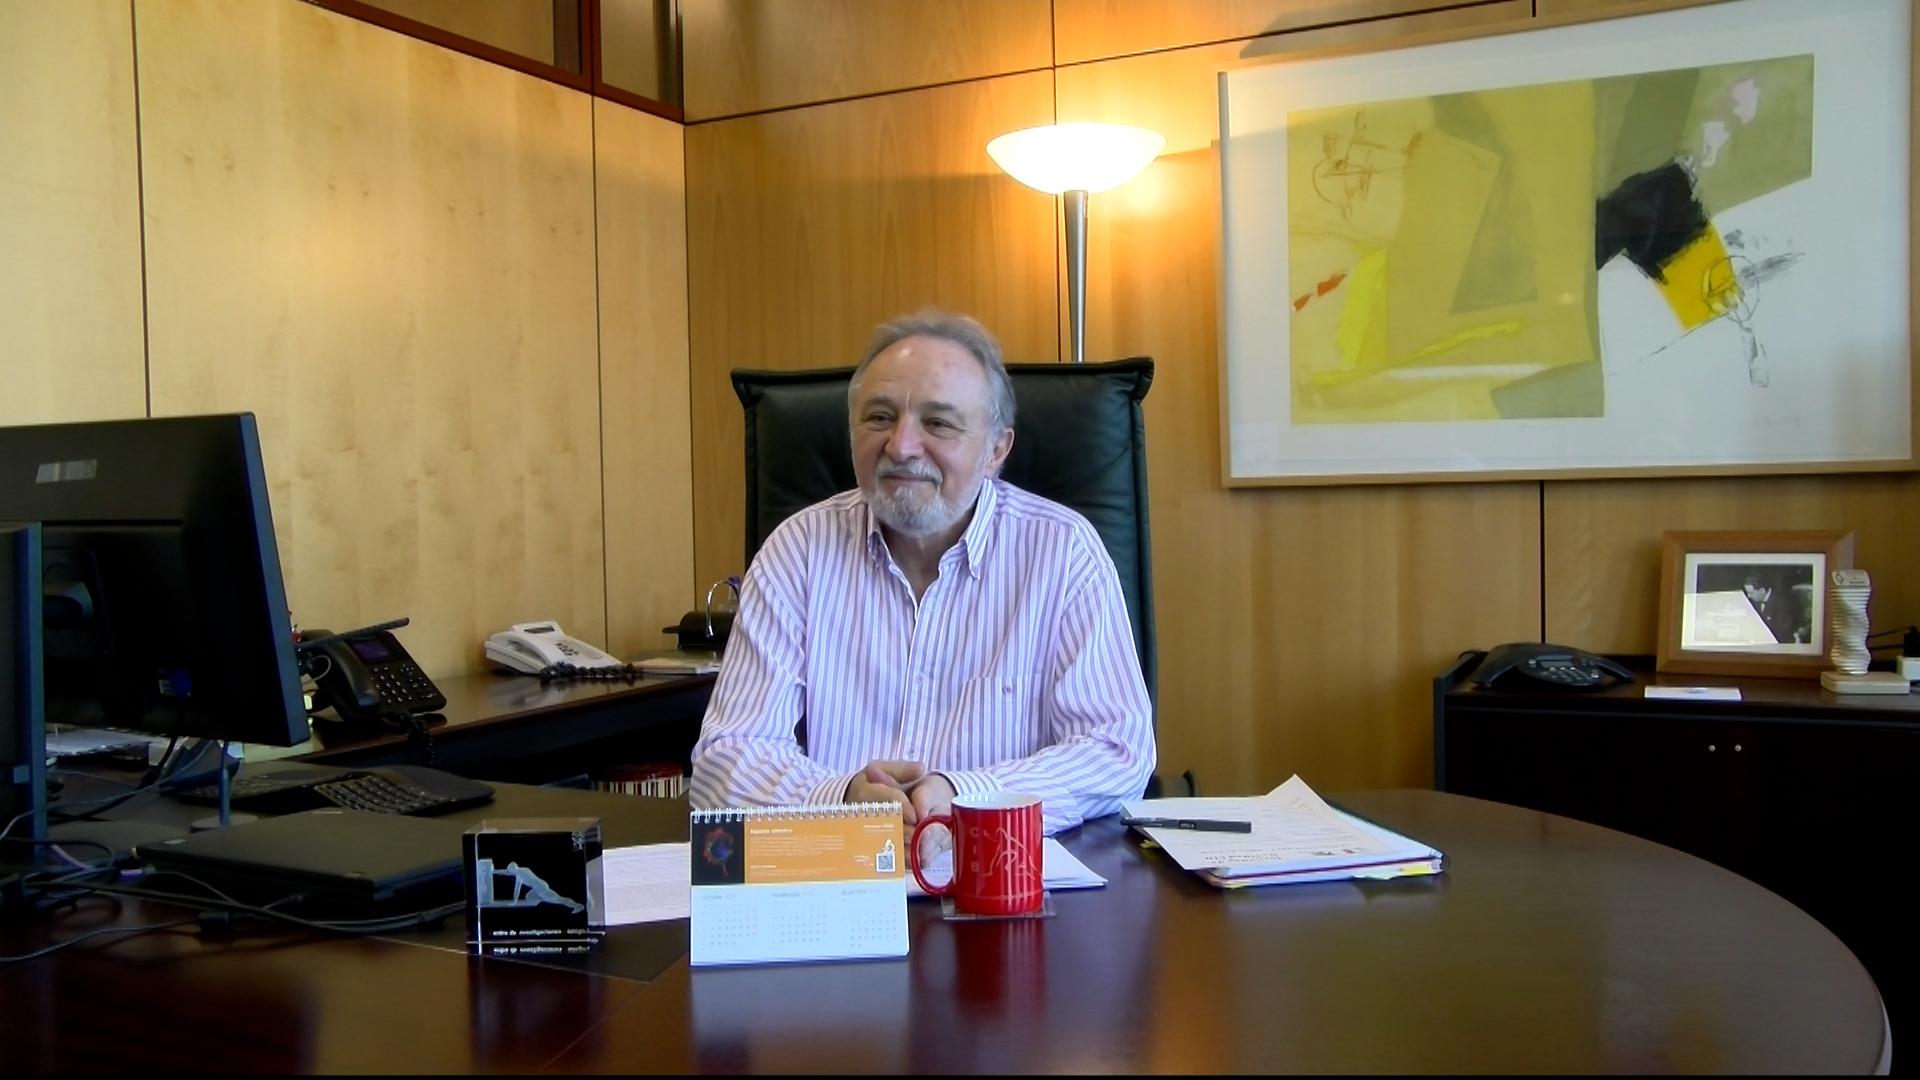 imagen de Enrique J. de la Rosa, director del Centro de Investigaciones Biológicas Margarita Salas (CIB-CSIC). Begoña García Sastre